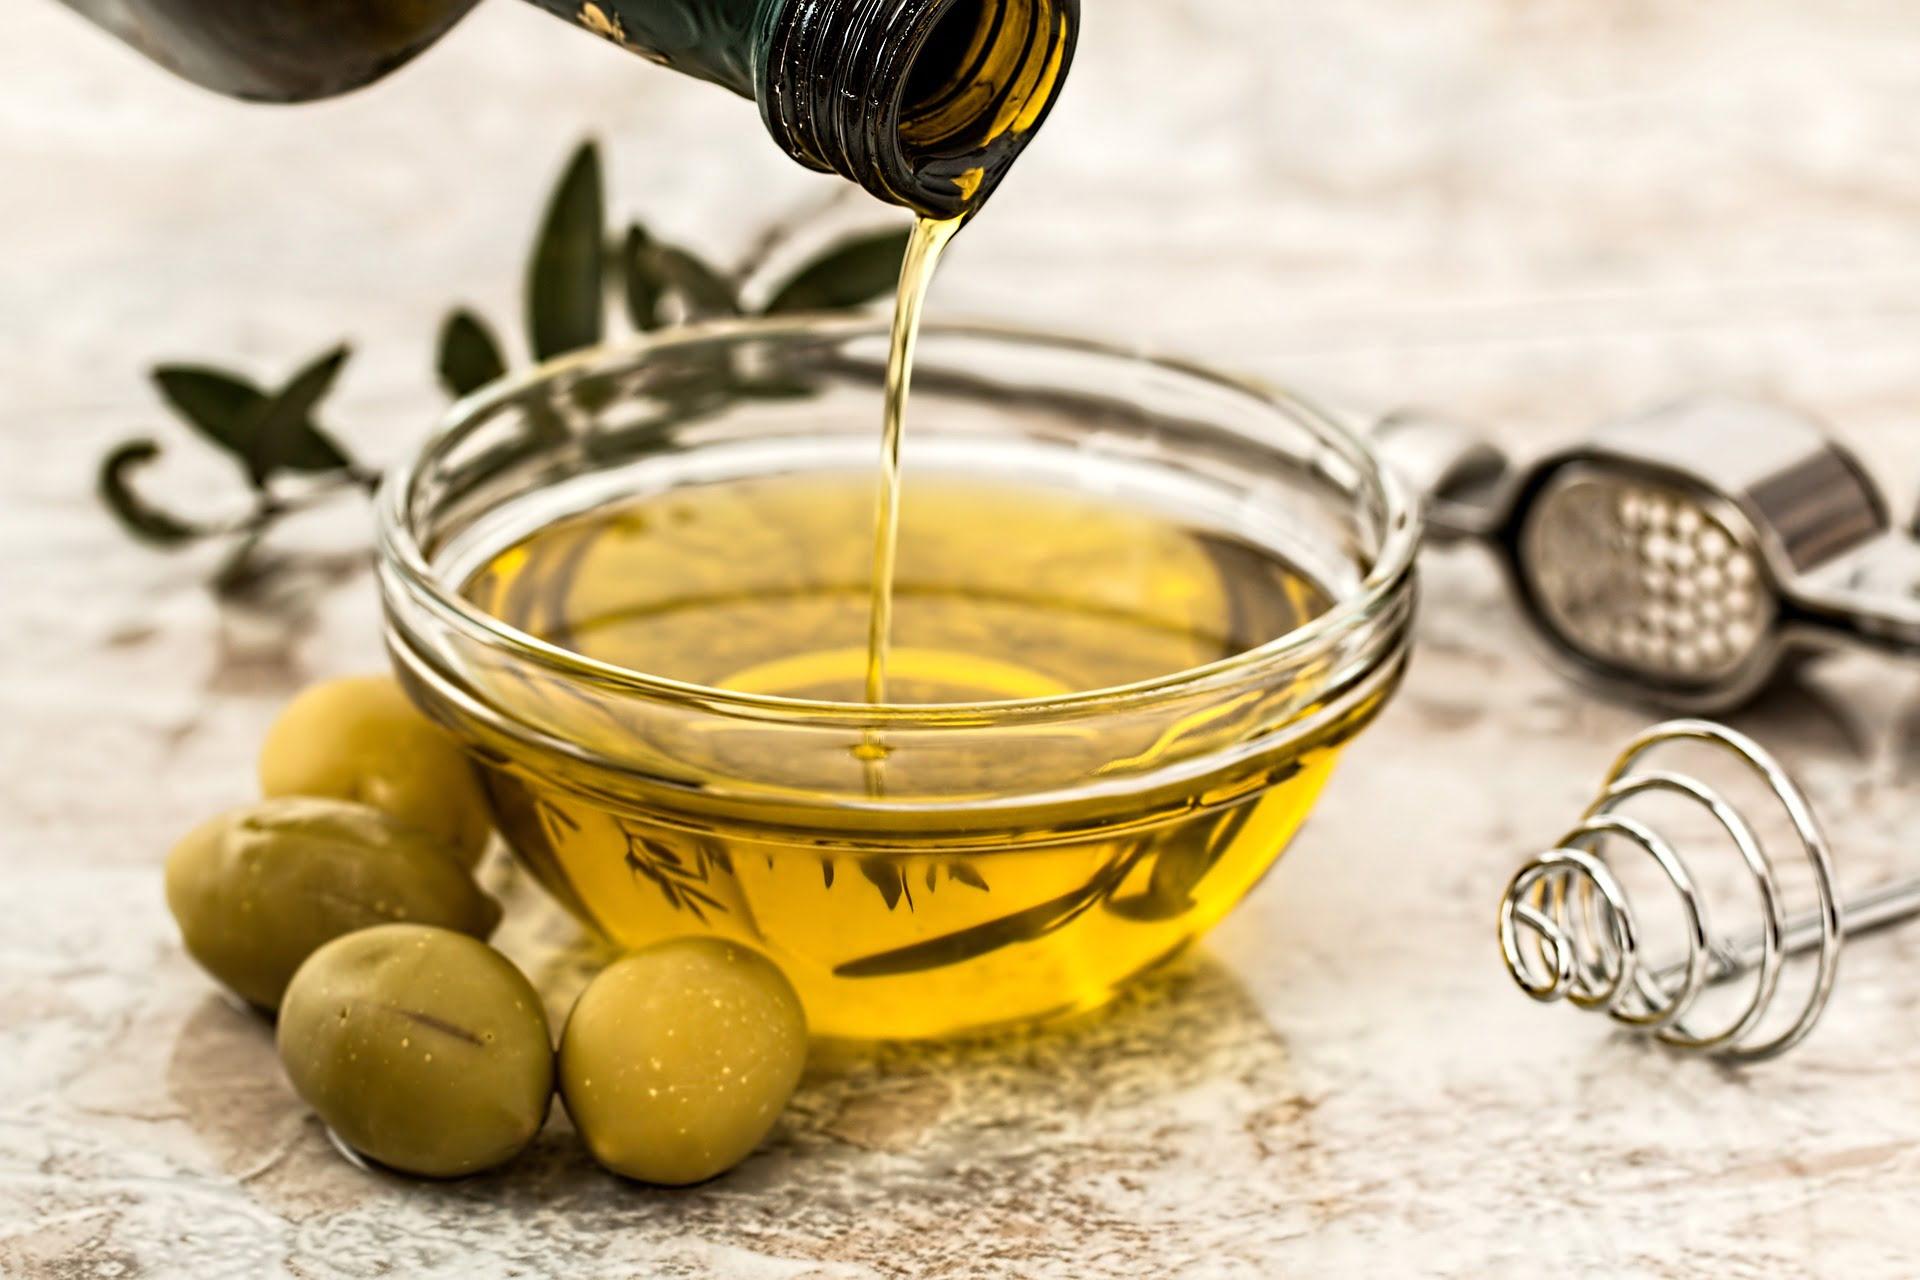 olive oil 201712041536 腎臟病、高血壓、心血管疾病患者切忌亂用油,選對食用油是關鍵!